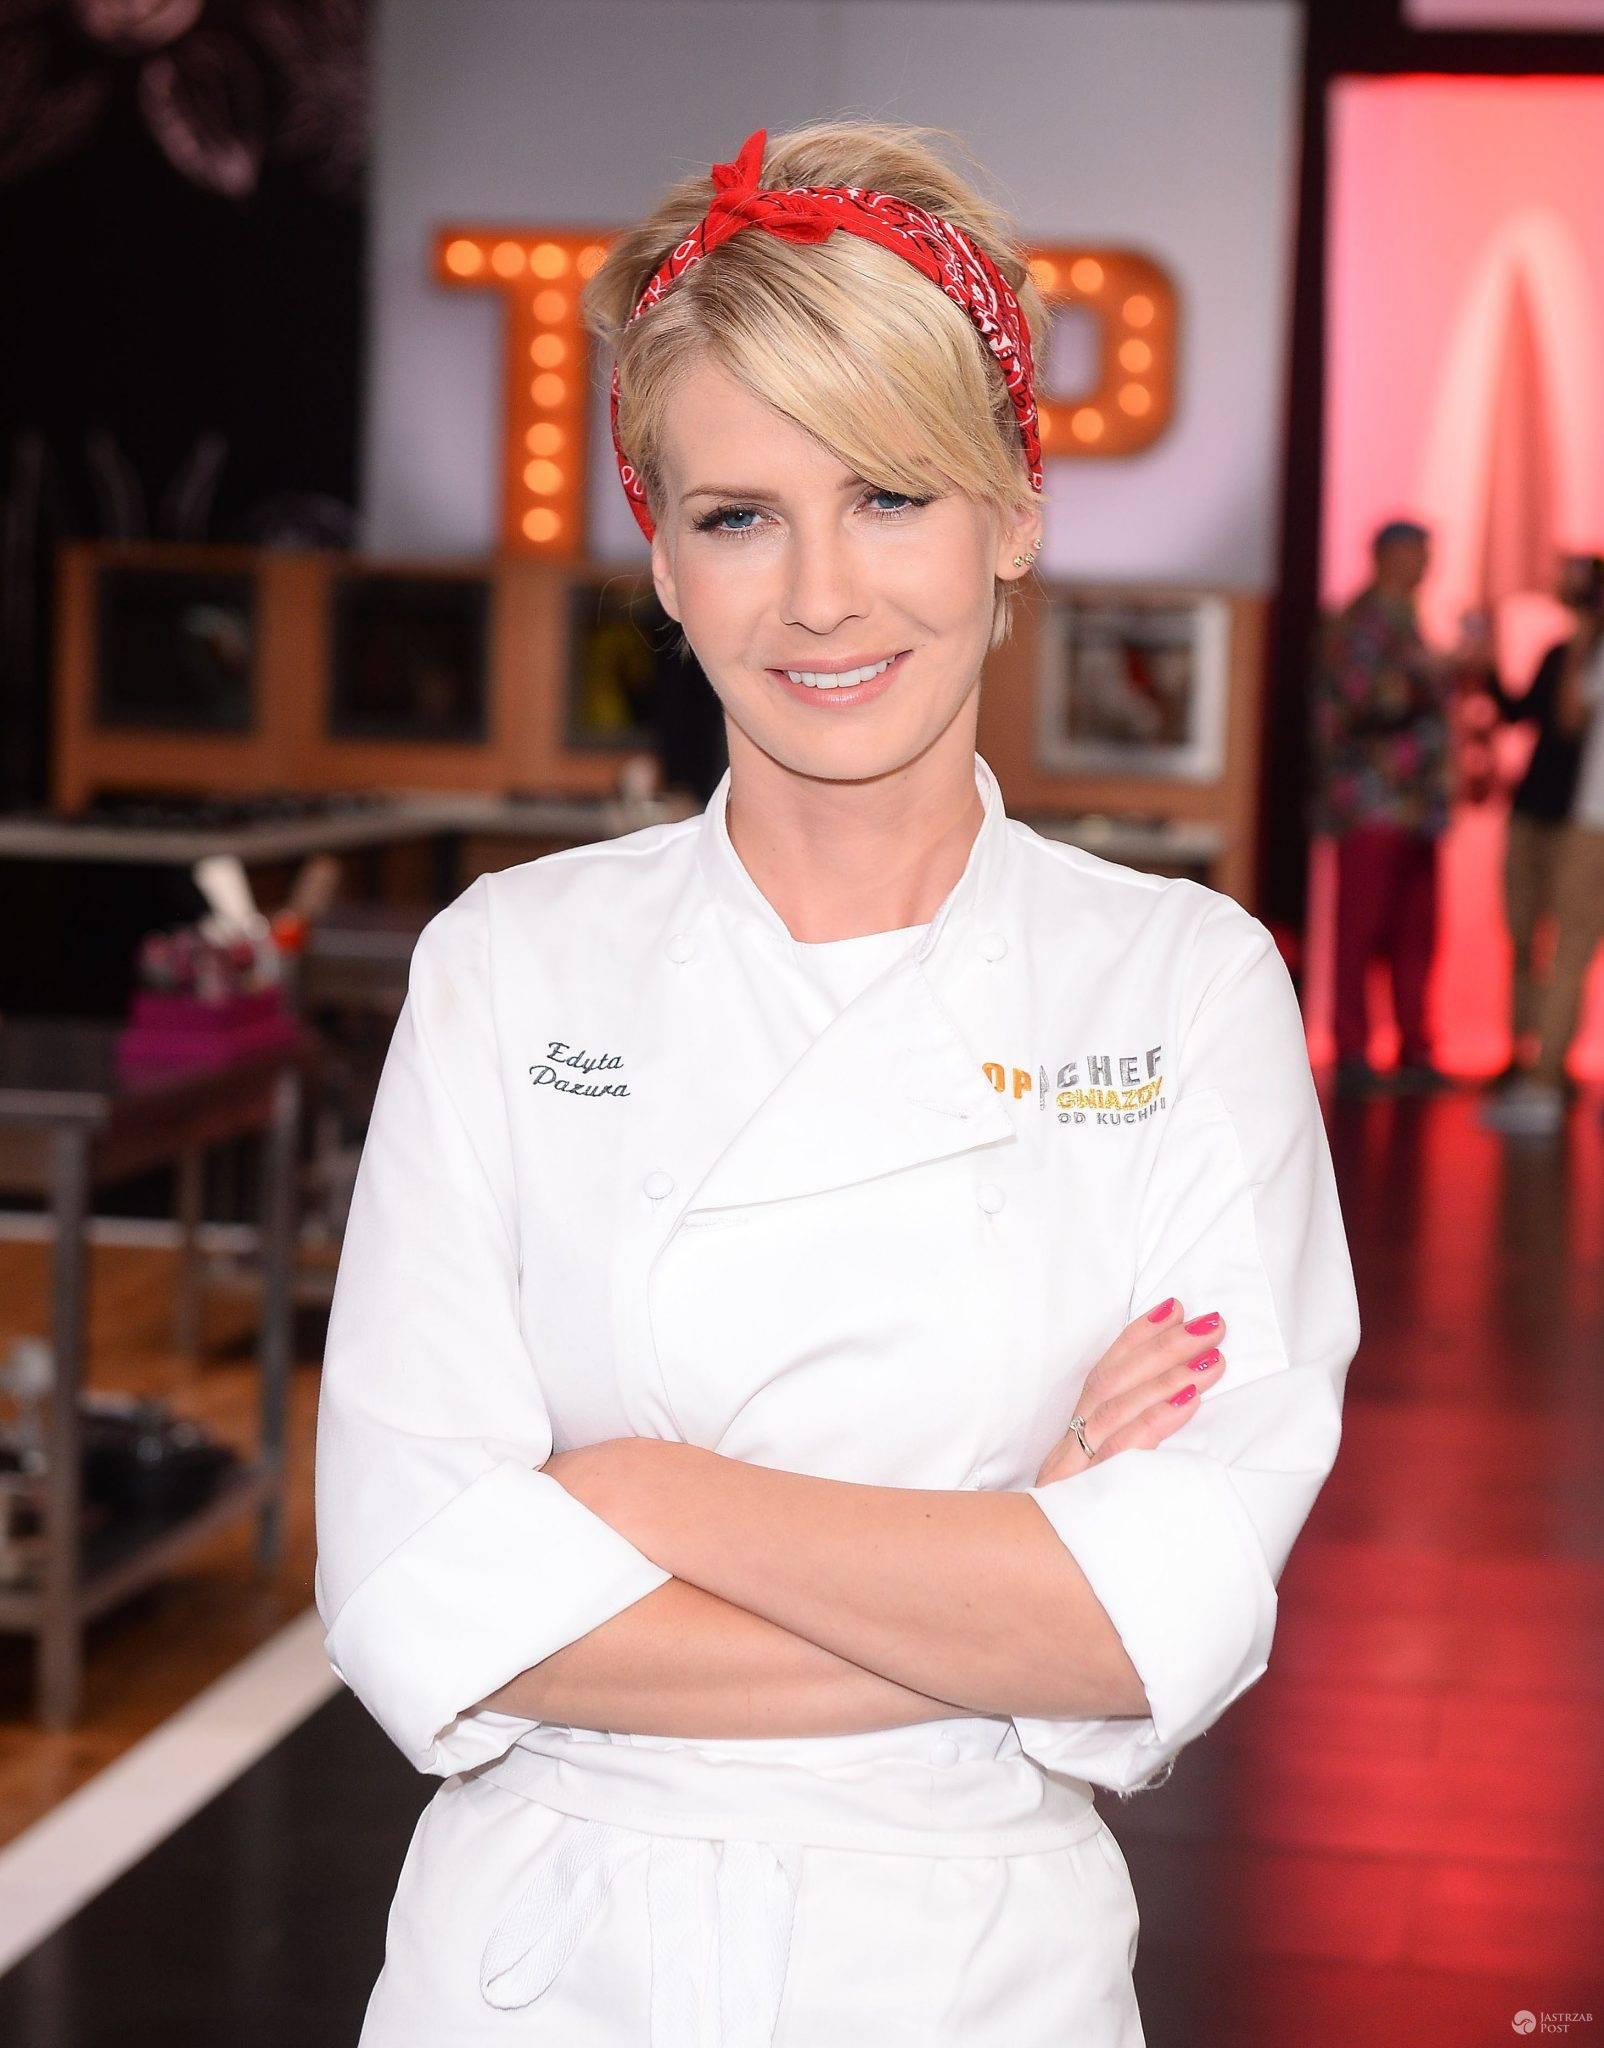 16-06-2016 Warszawa Uczestnicy programu Top Chef fot. P.Kibitlewski fot. P.Kibitlewski/ONS